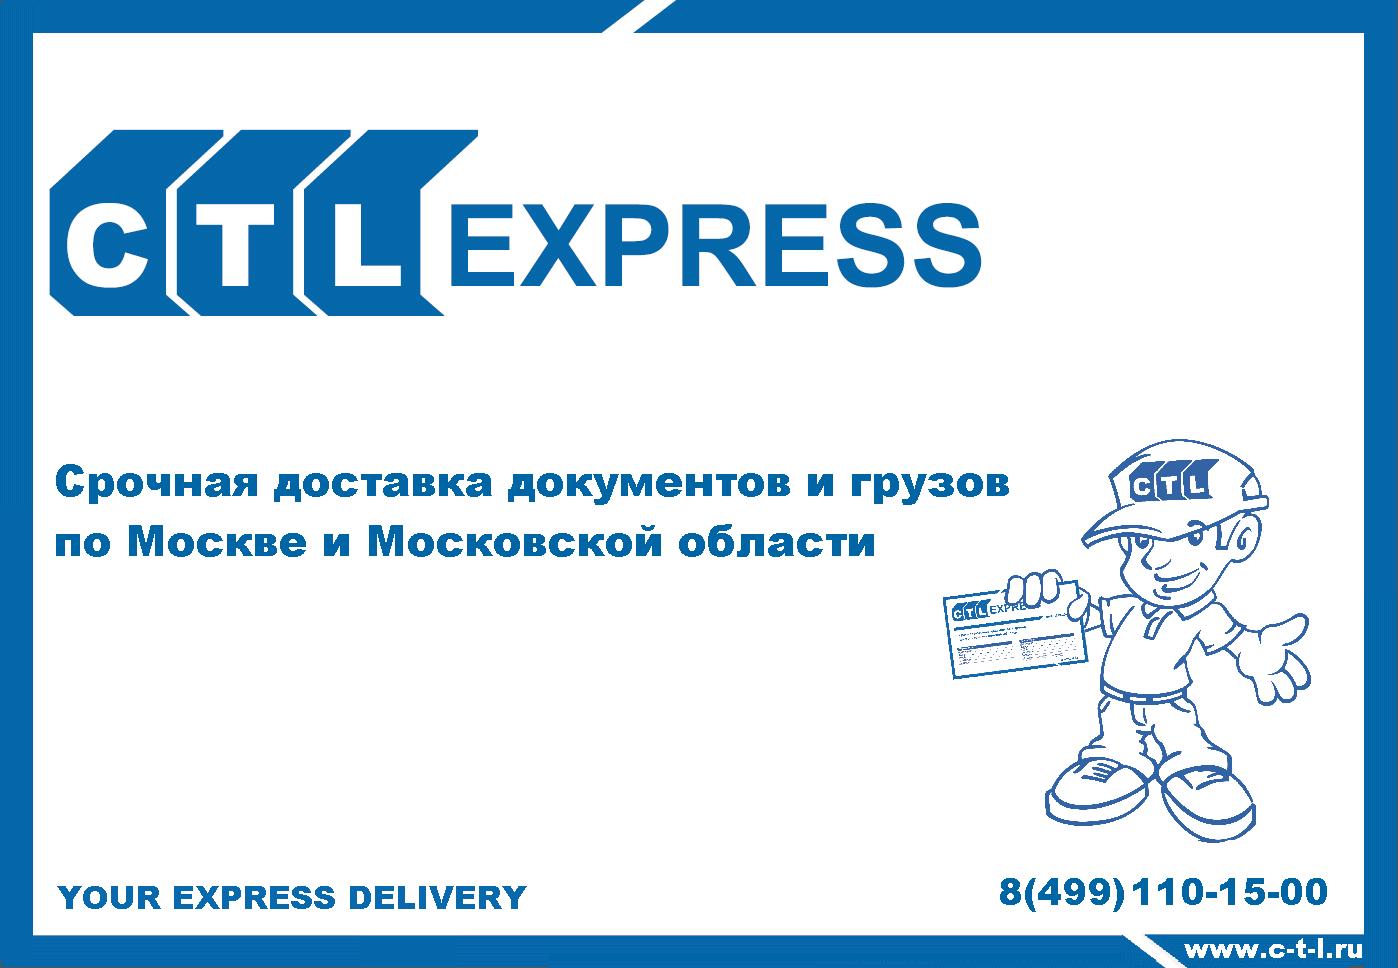 доставка корреспонденции в конвертах CTL-express